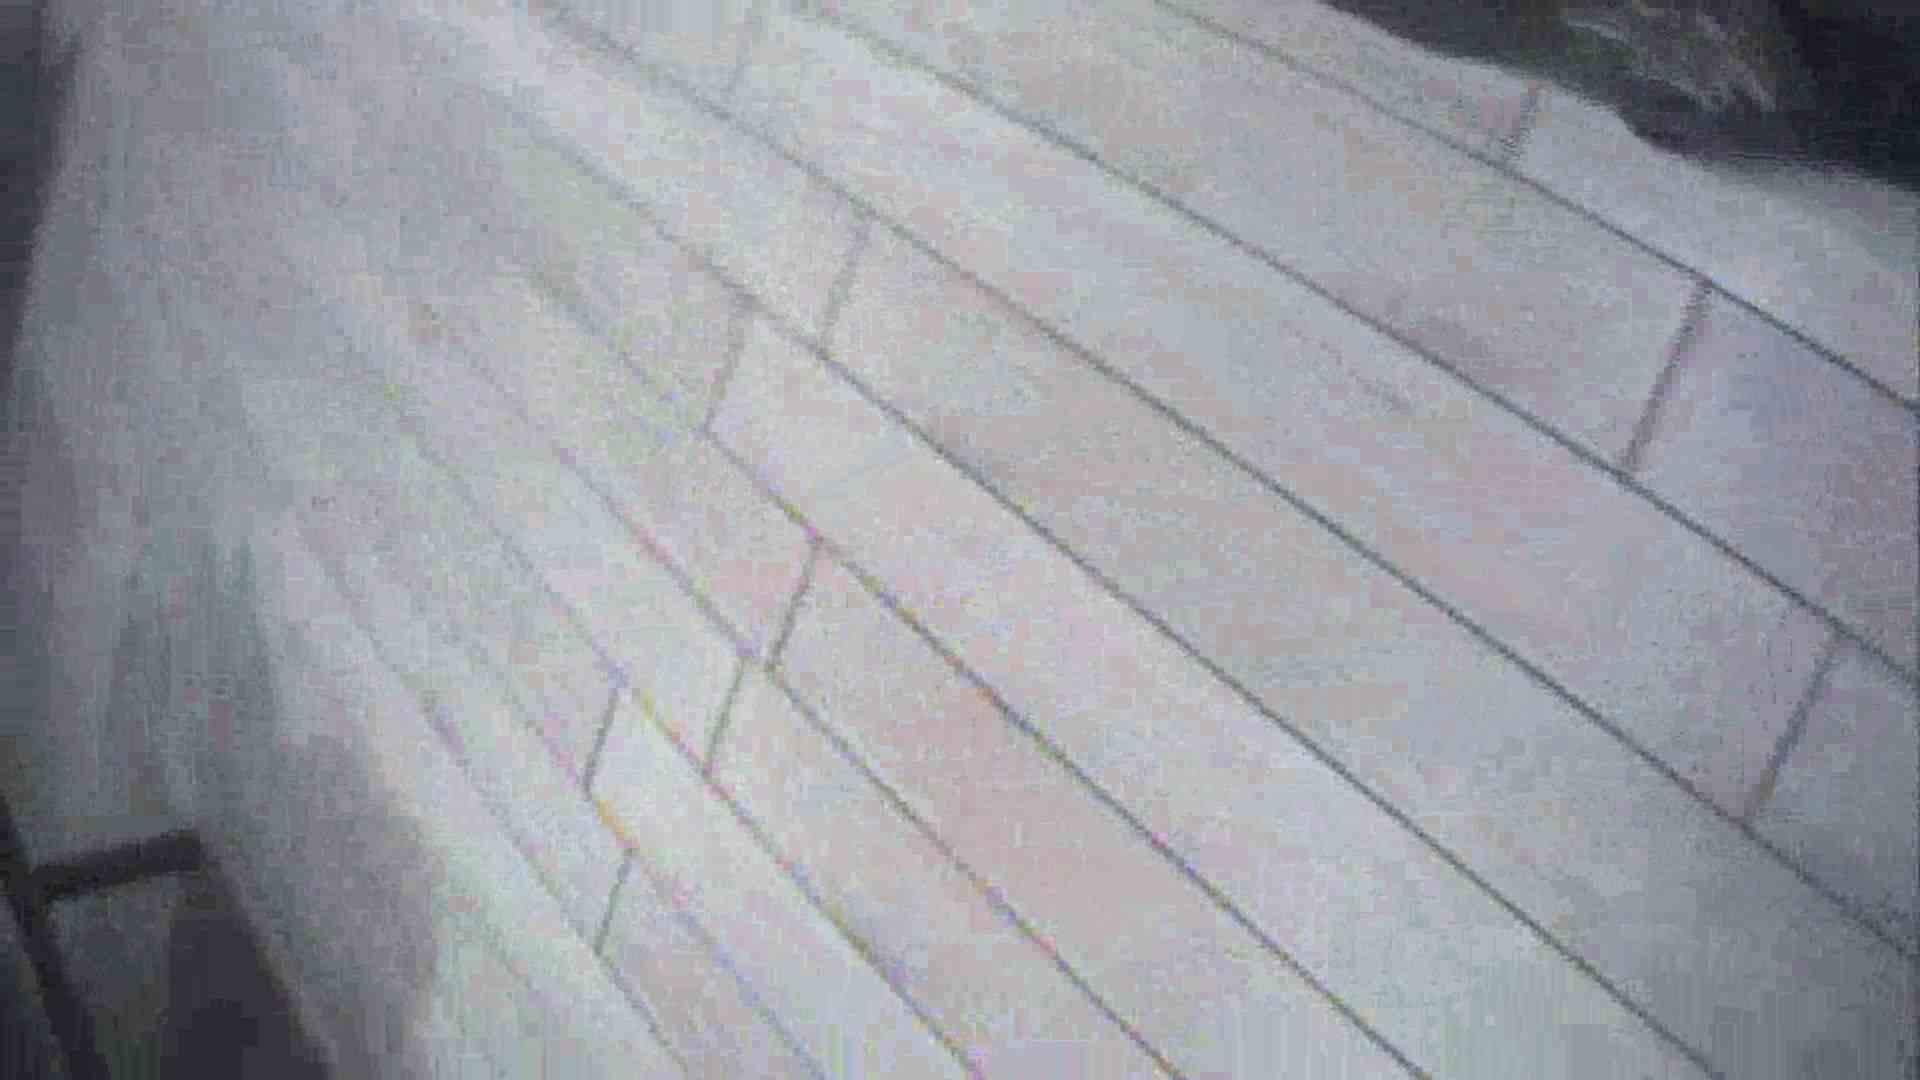 働く美女の谷間参拝 Vol.18 美しいOLの裸体 ワレメ無修正動画無料 94pic 14